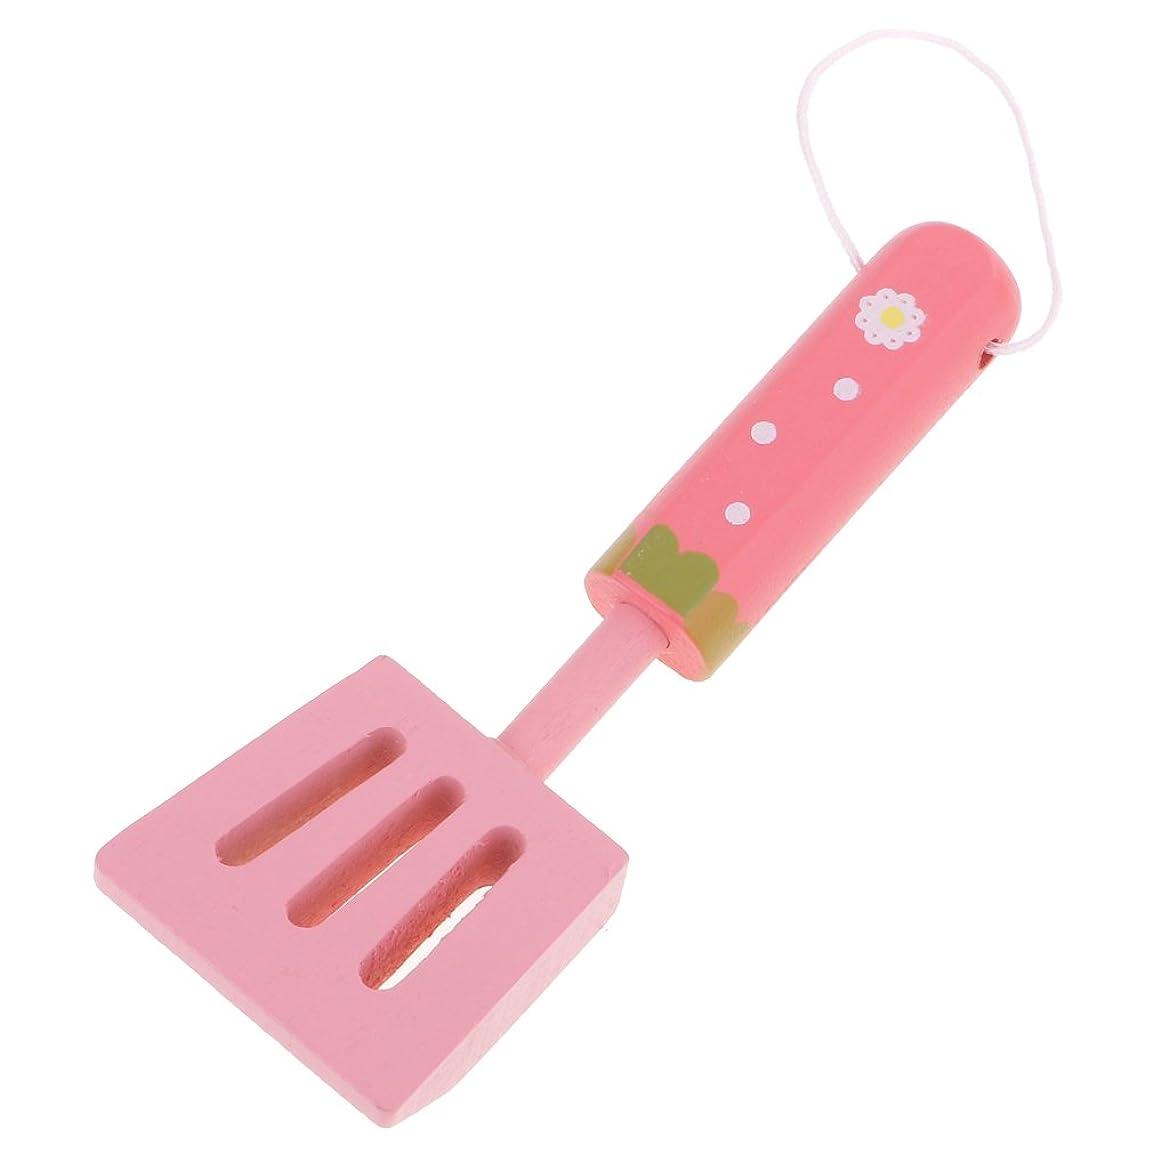 ホバート限られた情熱磁気 野菜 モデル フード キッチン用品 赤ちゃん ロールプレイ 玩具 おもちゃ 全7種類 - シャベルモデル